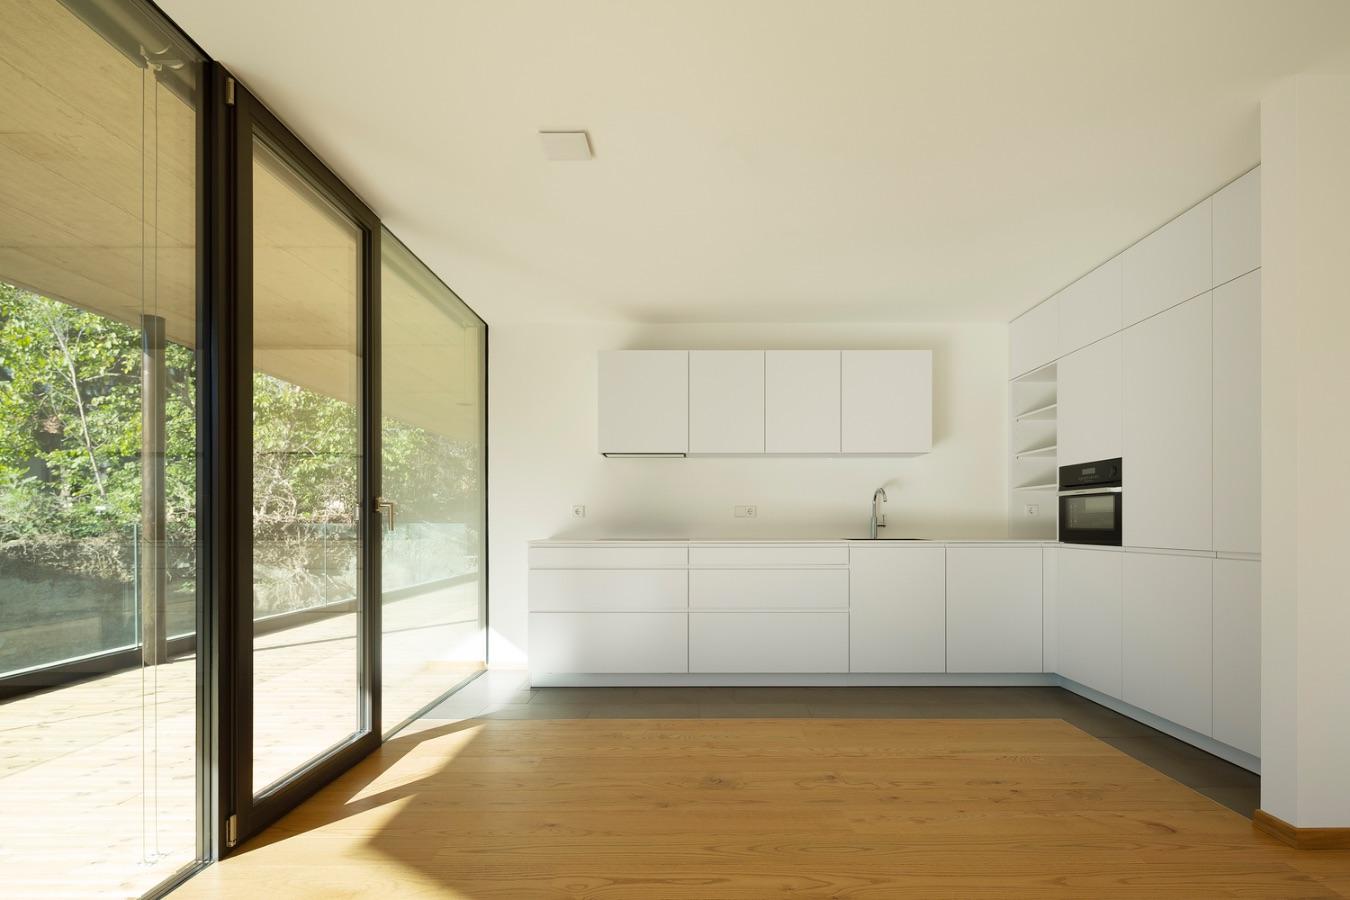 6_Schlossgarten Residential Complex_Marx:Ladurner Architekten_Inspirationist